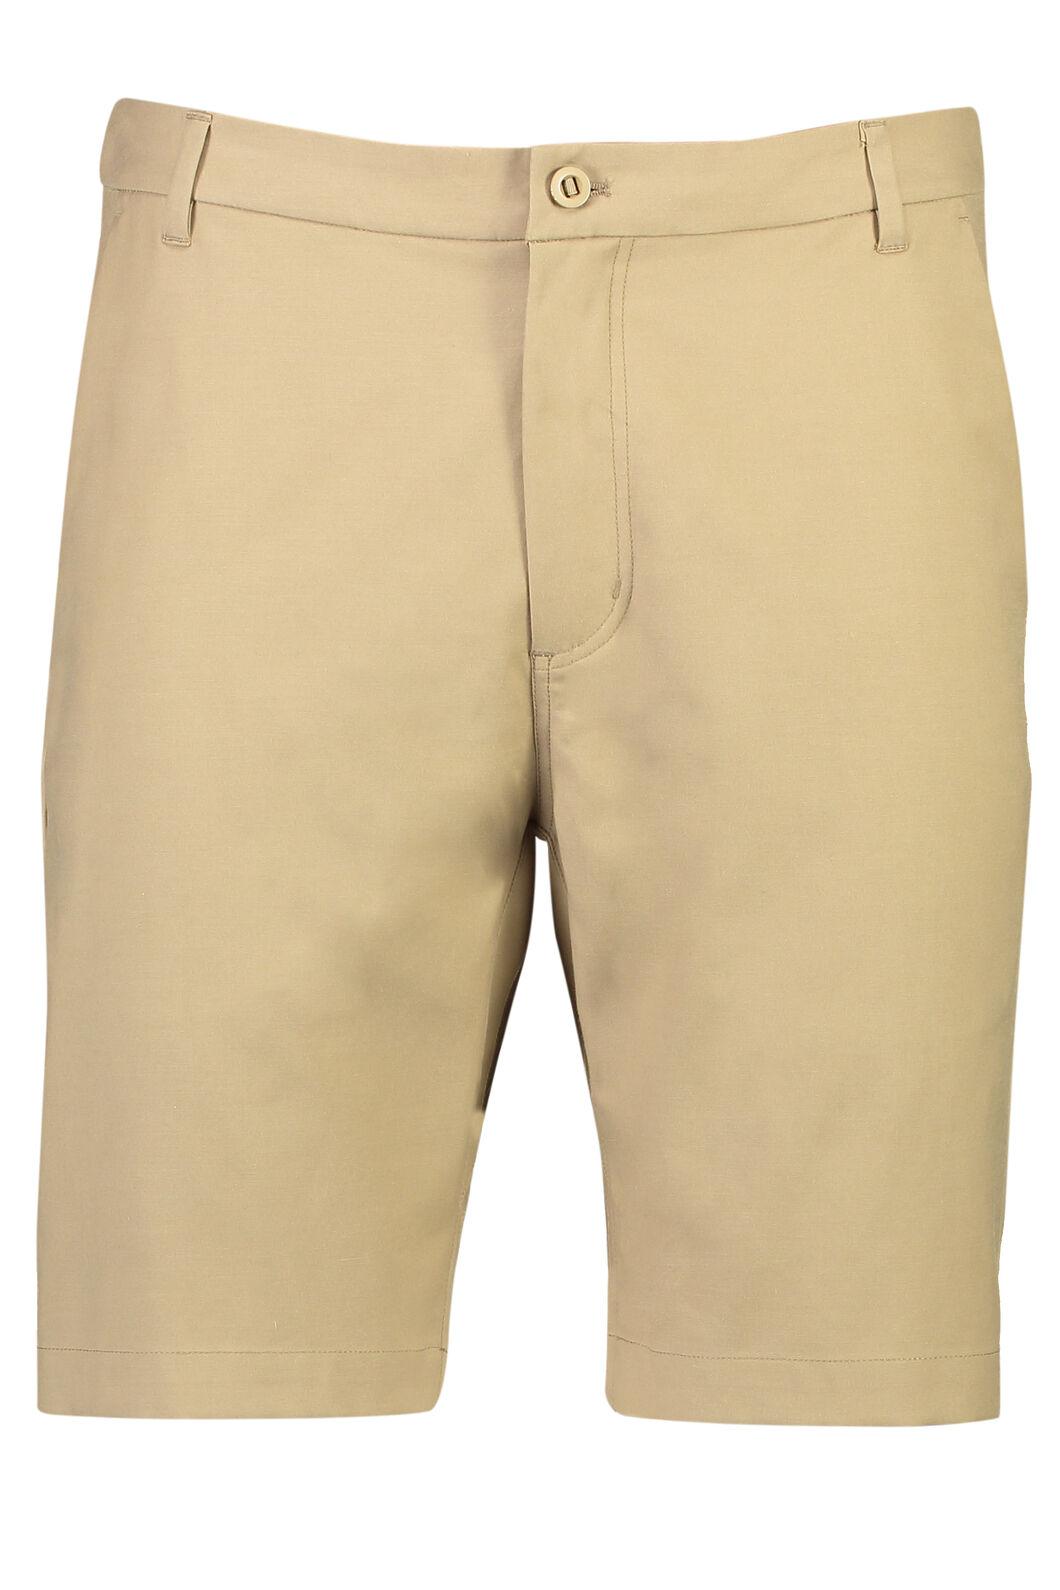 A-Z Shorts - Men's, Lead Grey, hi-res